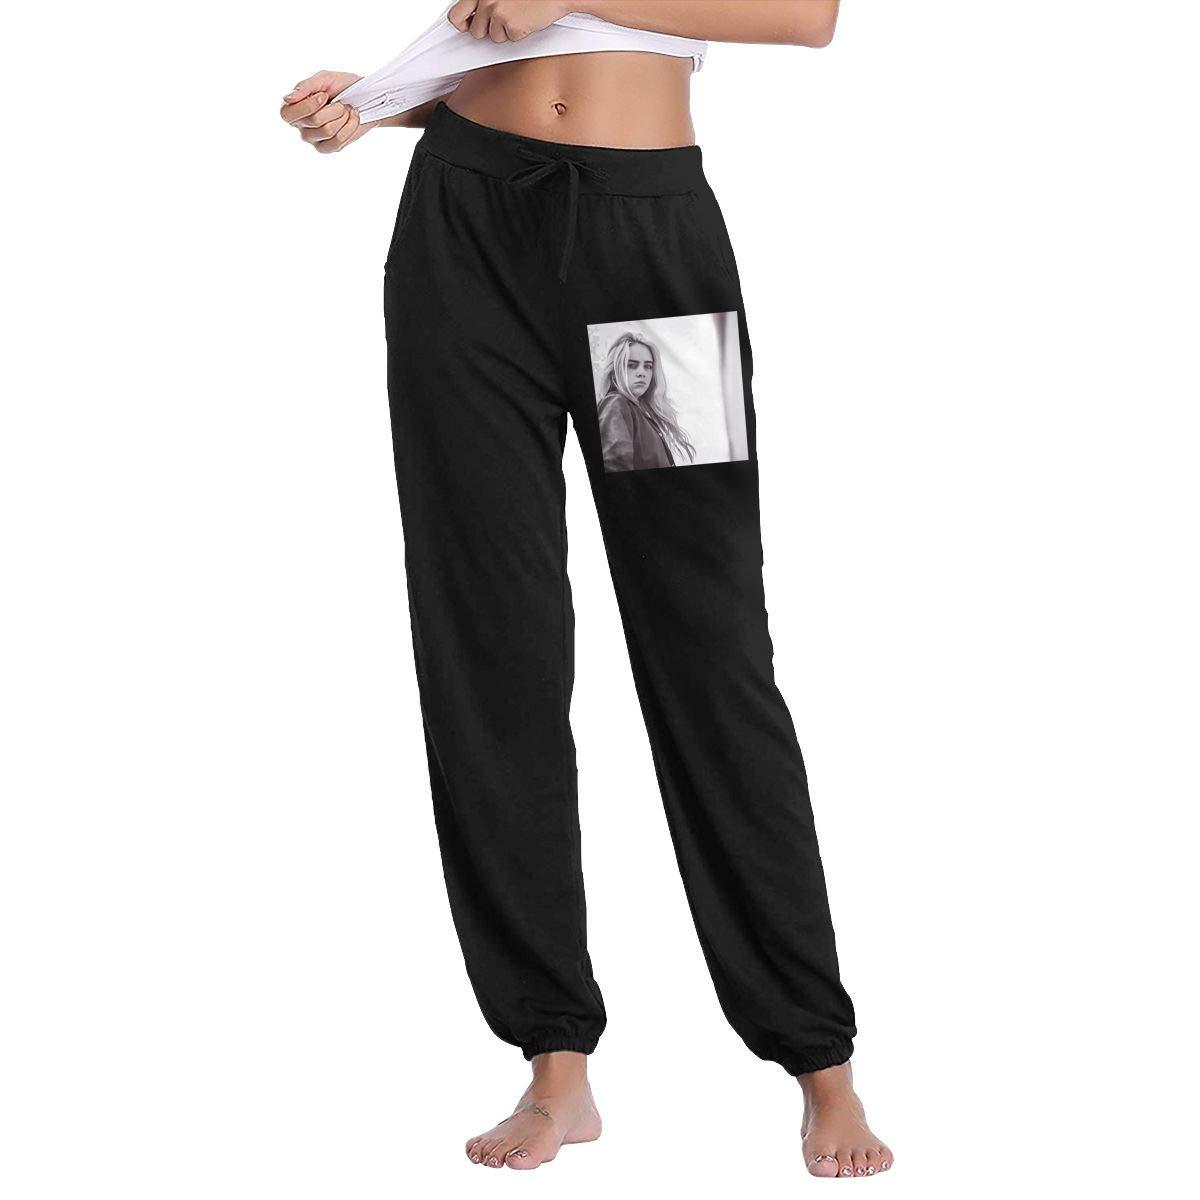 Billie Eilish Womens Comfort Soft Sweatpants Womens Long Pants